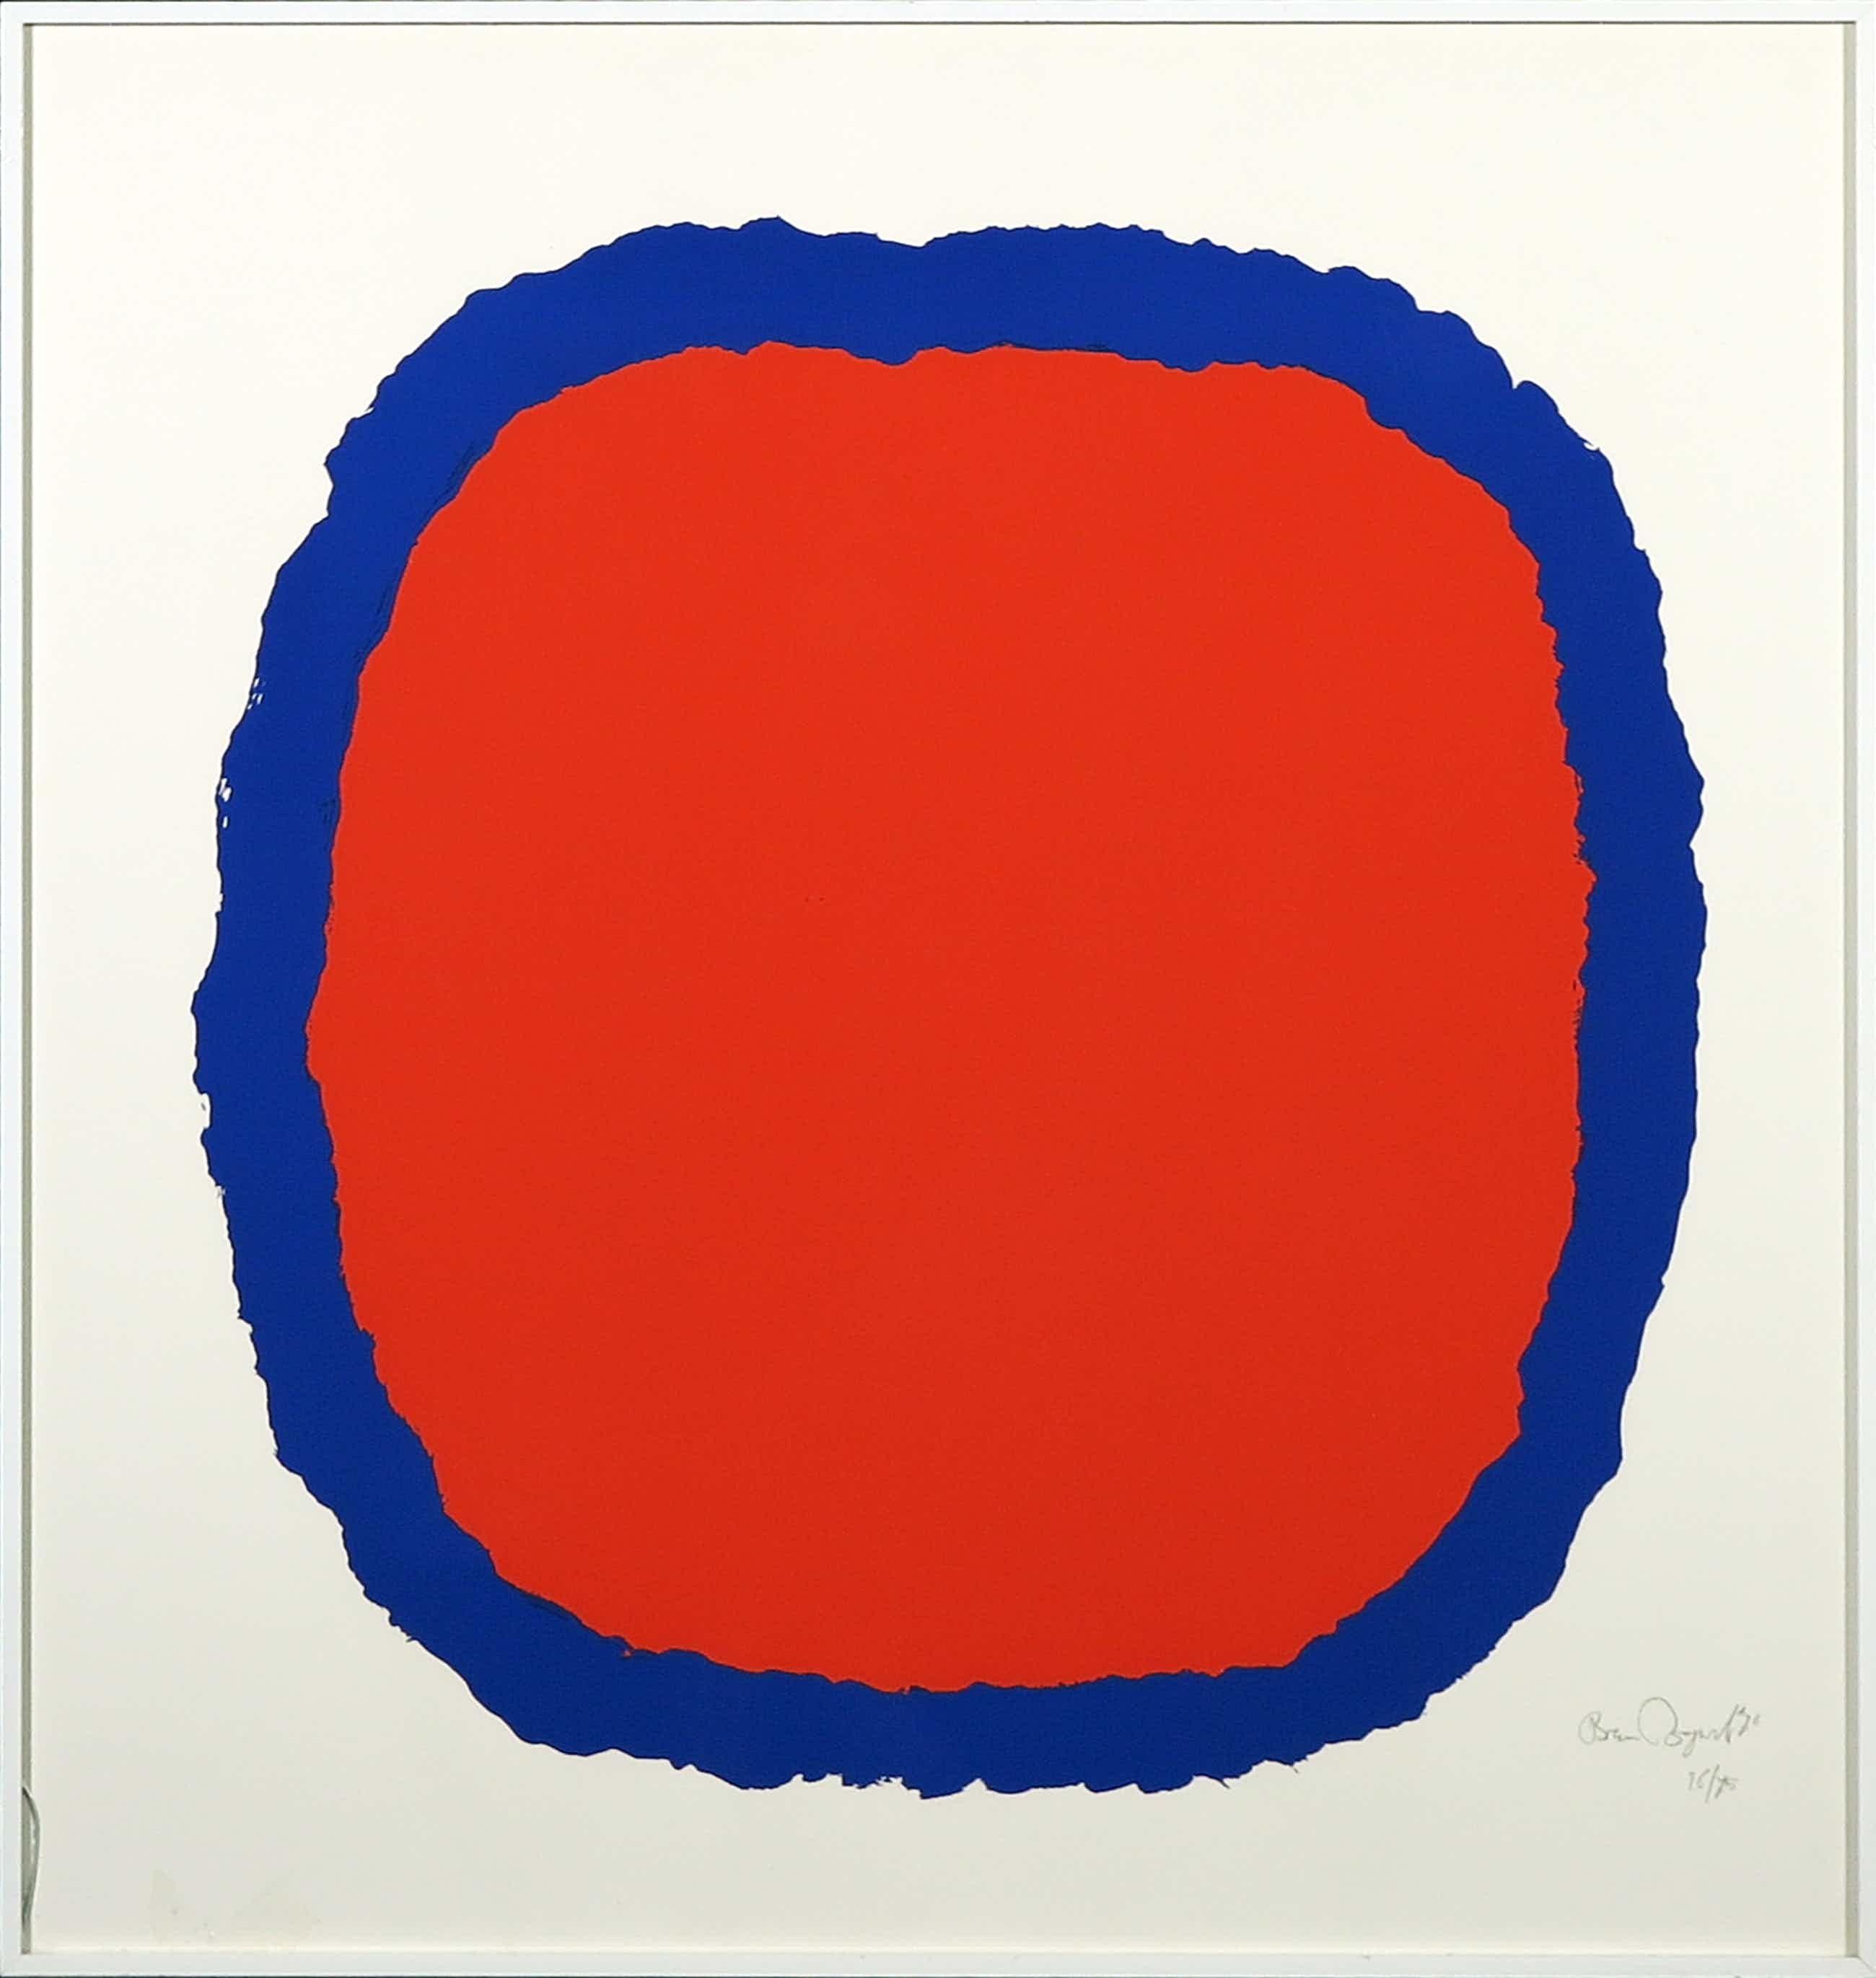 Bram Bogart - Zeefdruk, Z.T. Compositie in rood en blauw - Ingelijst kopen? Bied vanaf 180!